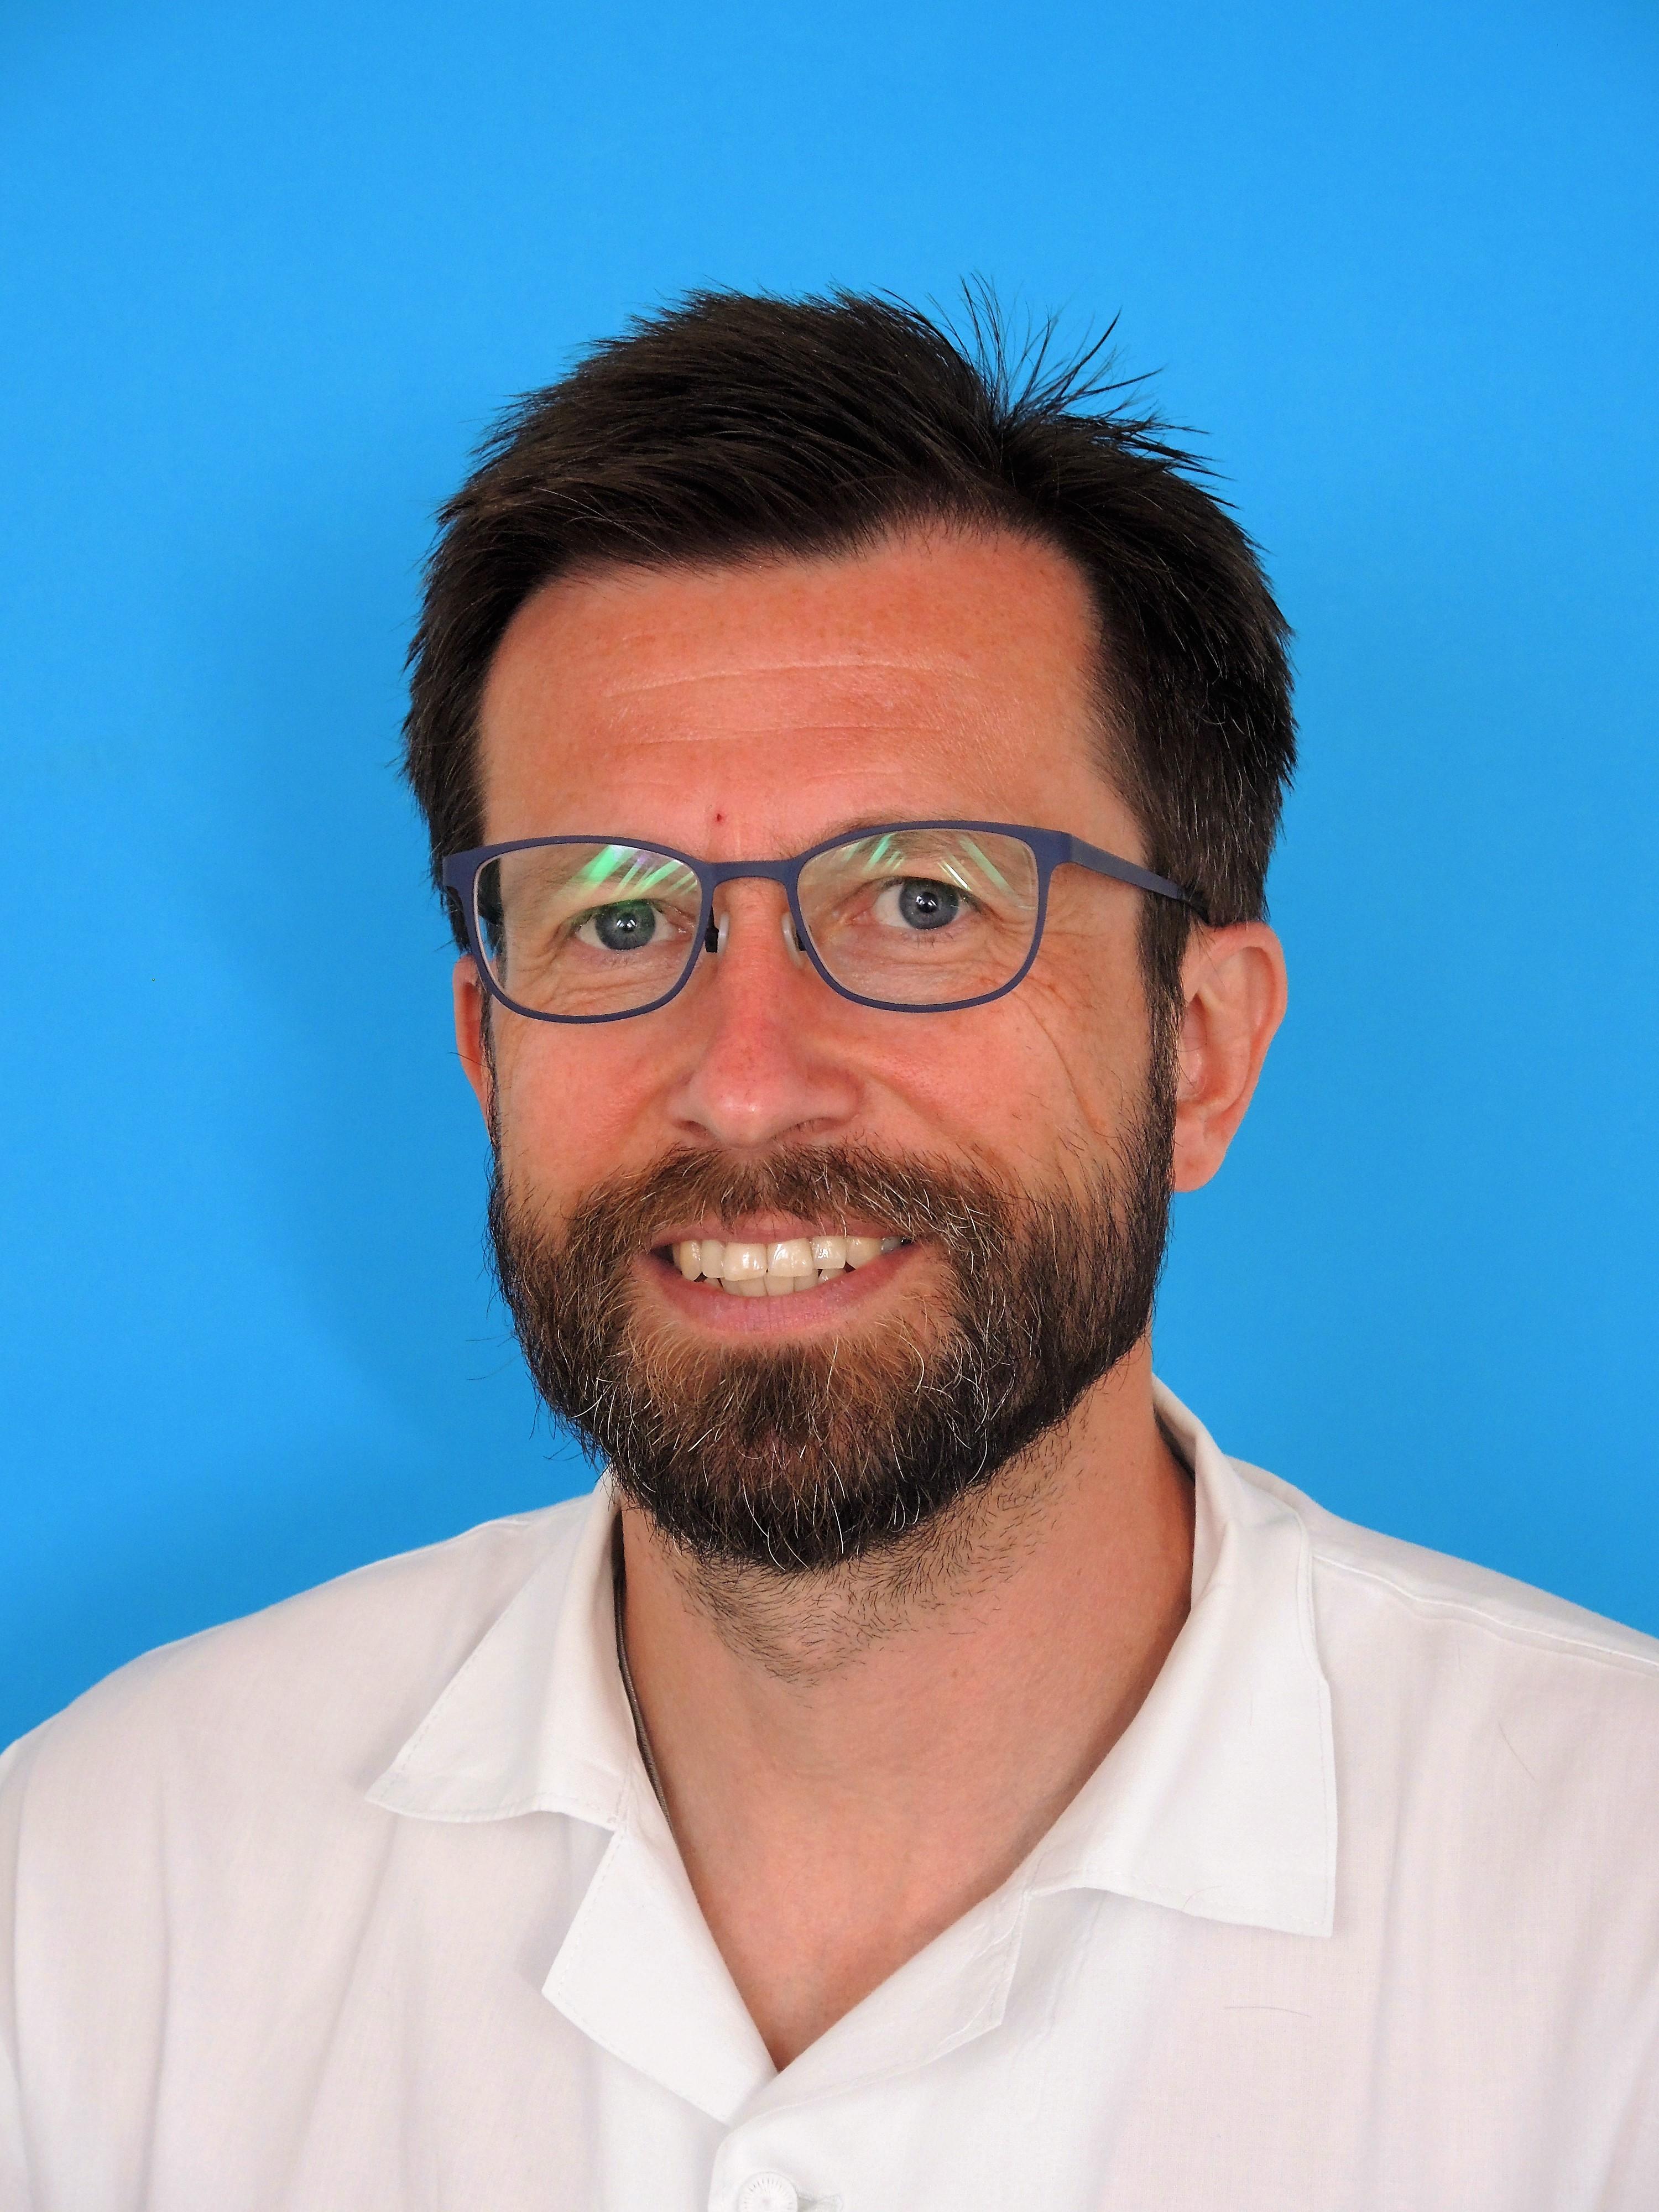 MUDr. Marek Sochor